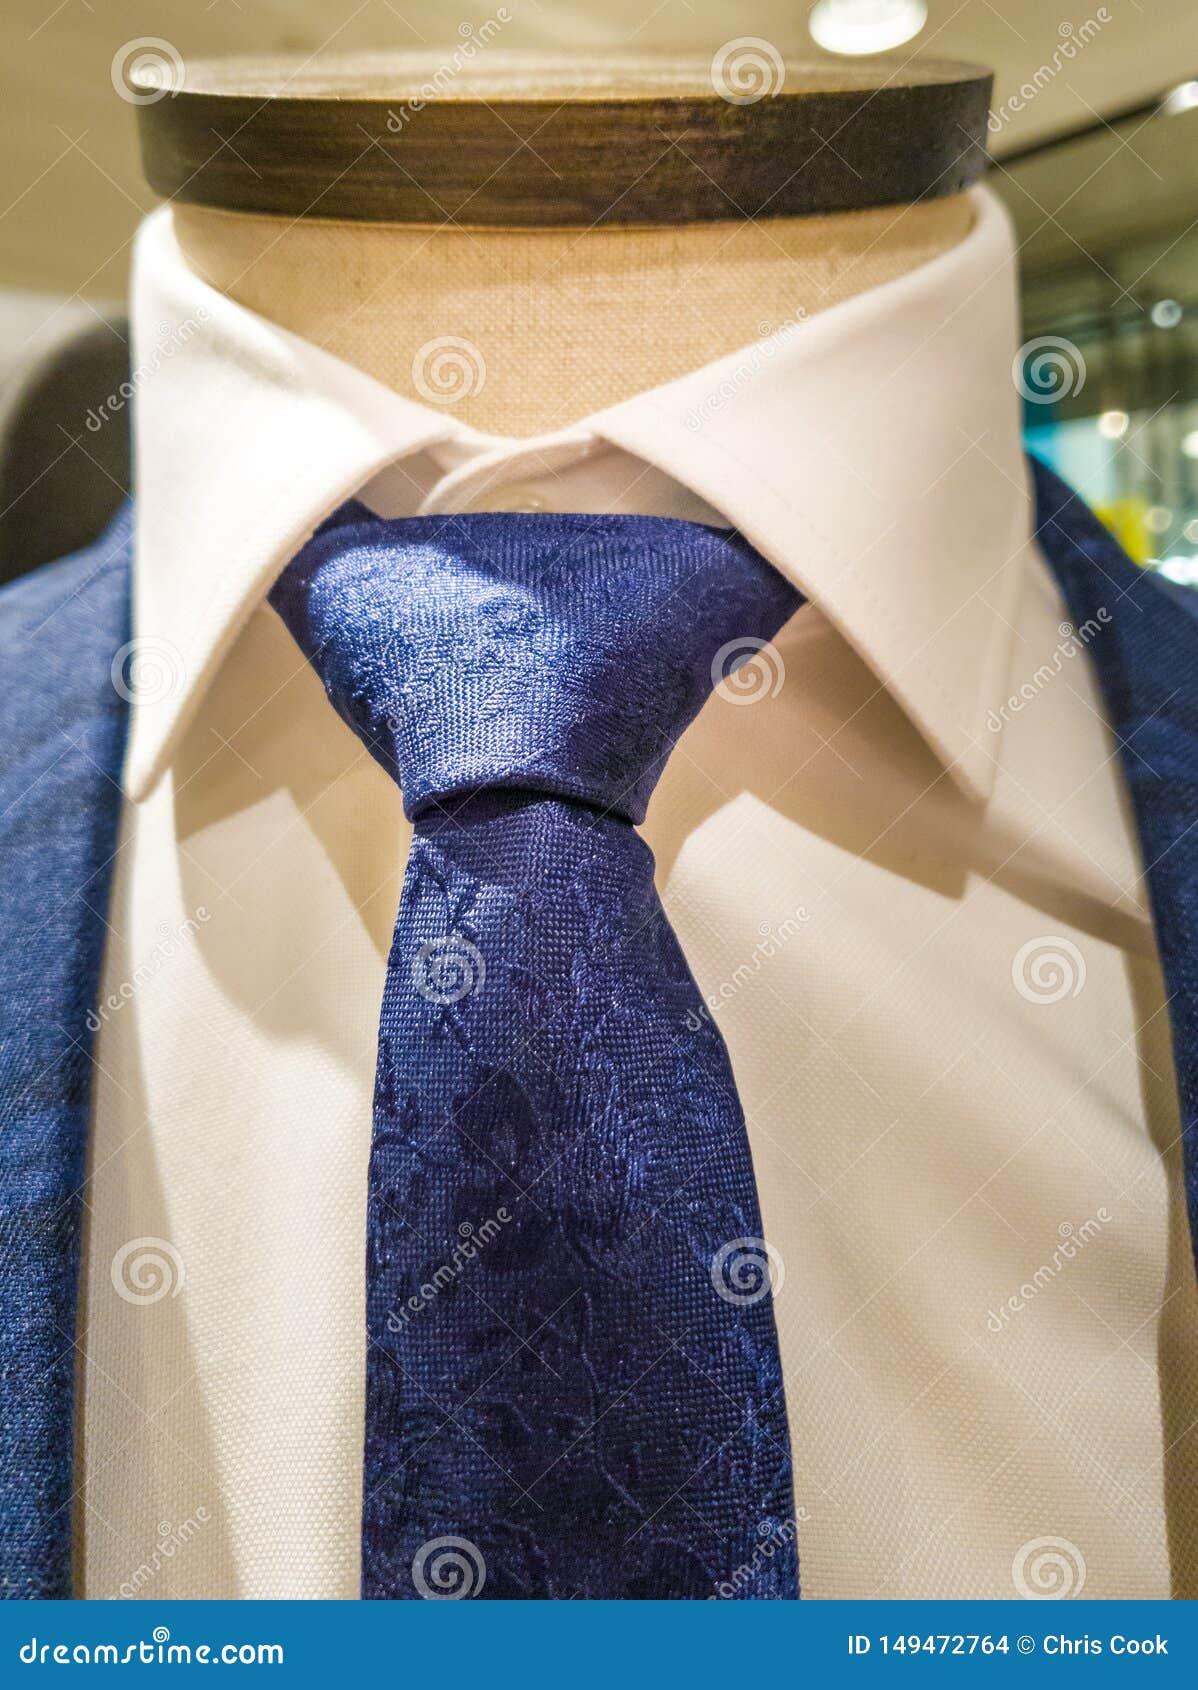 Recentste tendensen in Kostuum, overhemds en bandcombinatie - Marinekostuum en band - wit overhemd